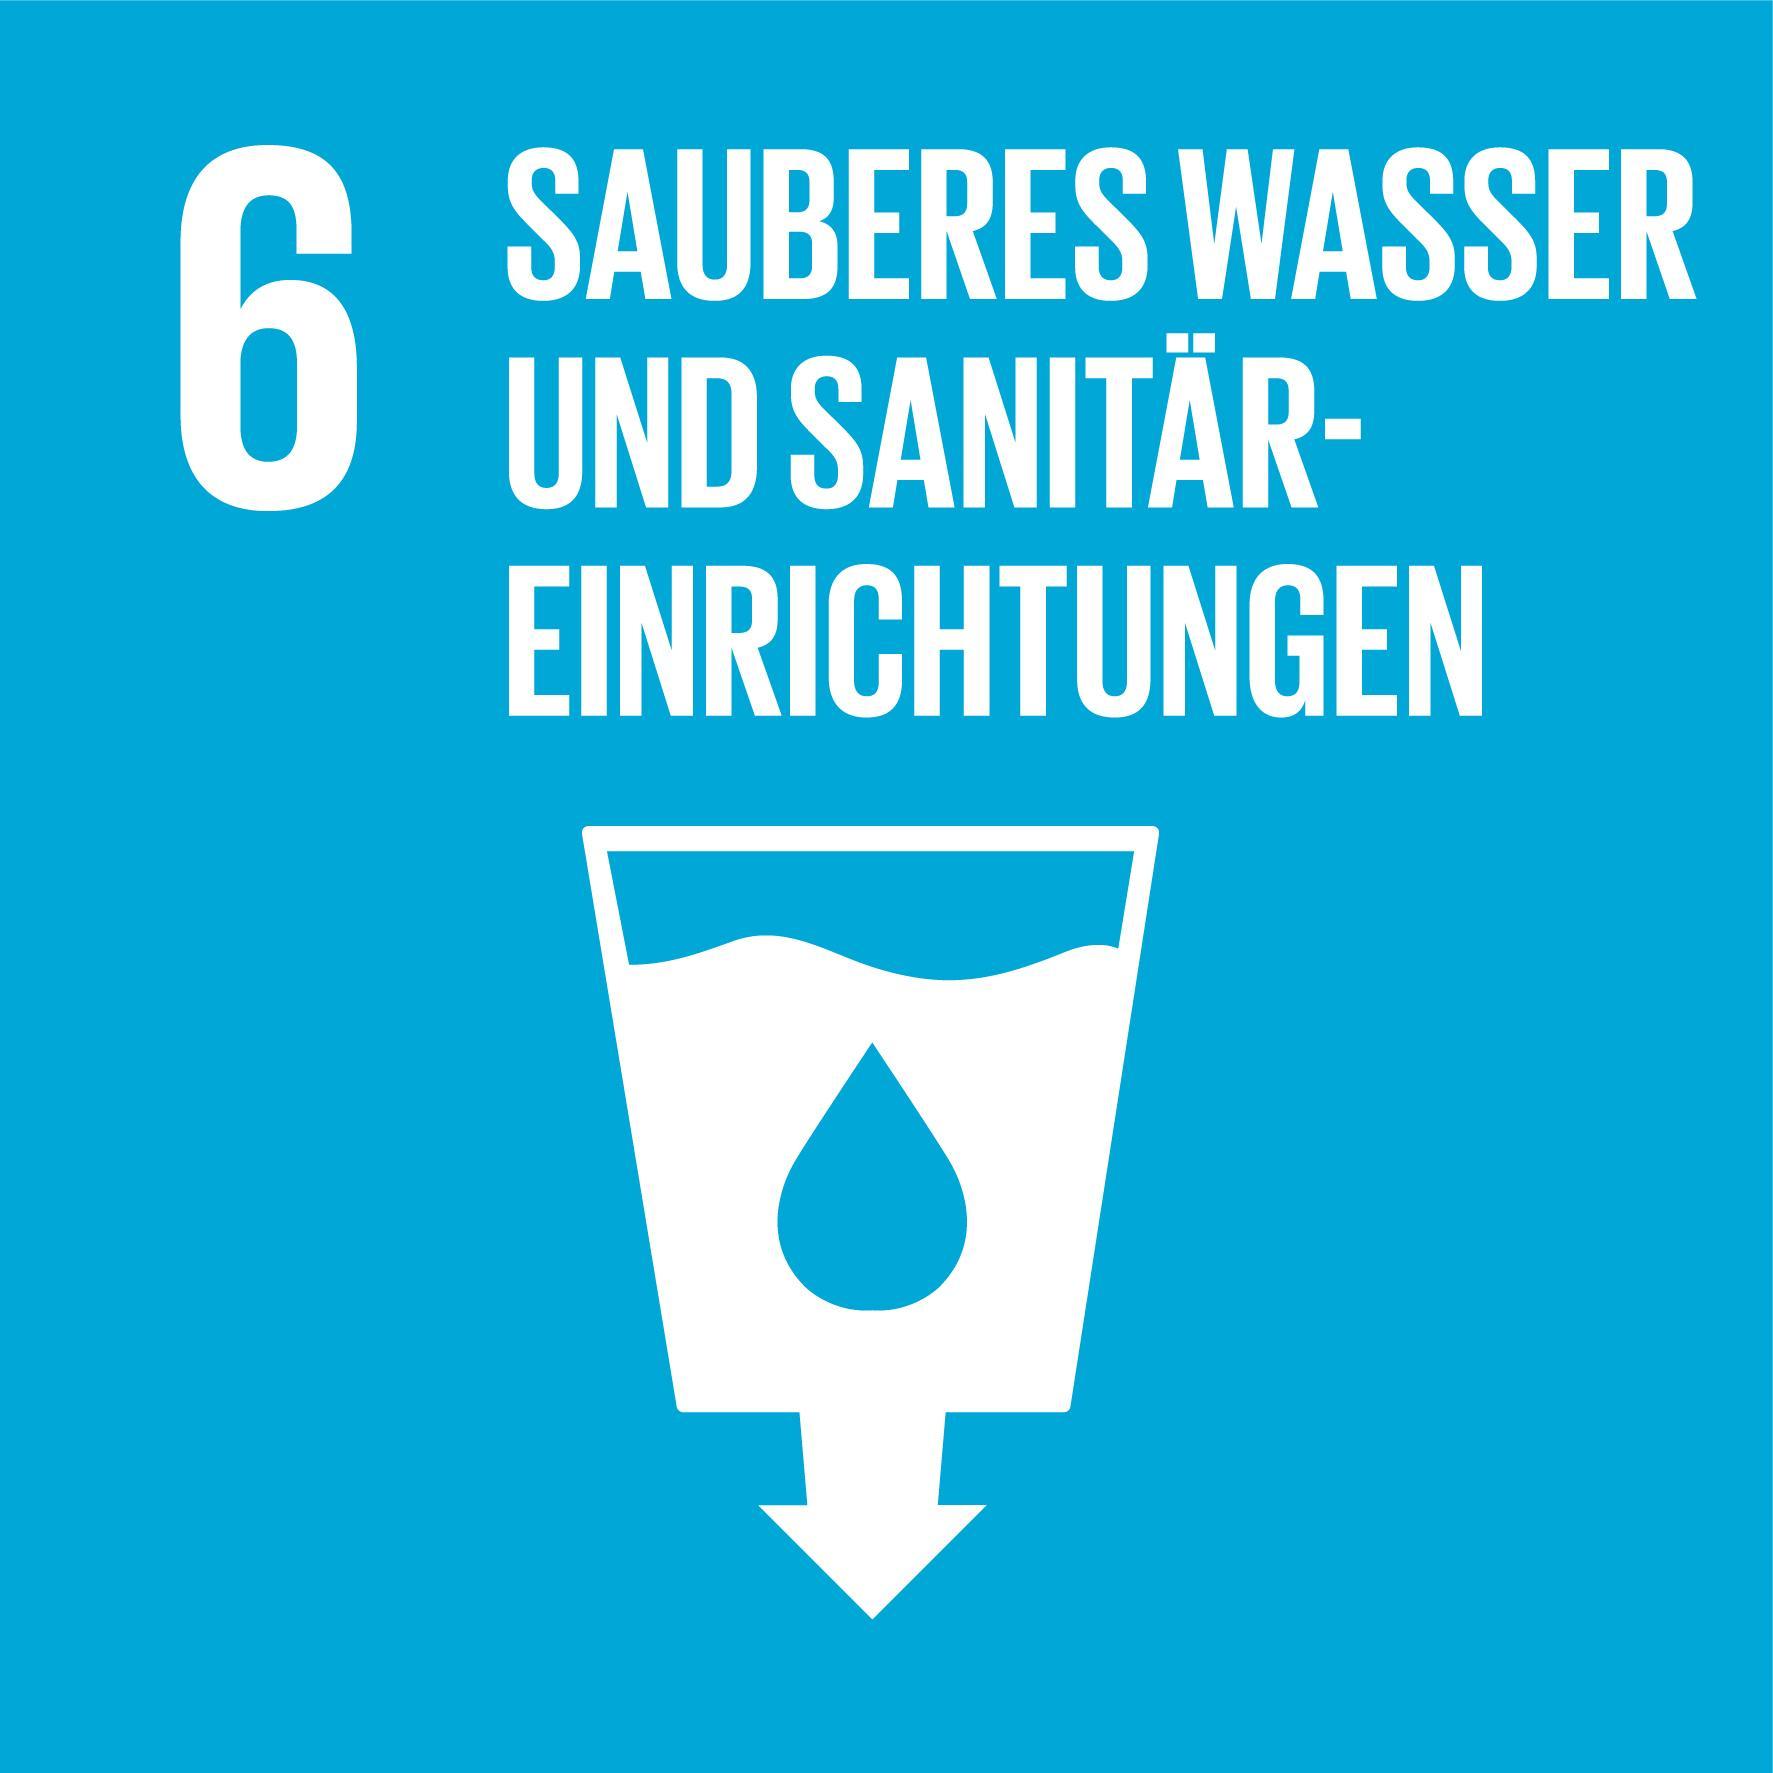 17 Nachhaltigkeitsziele - Ziel 6